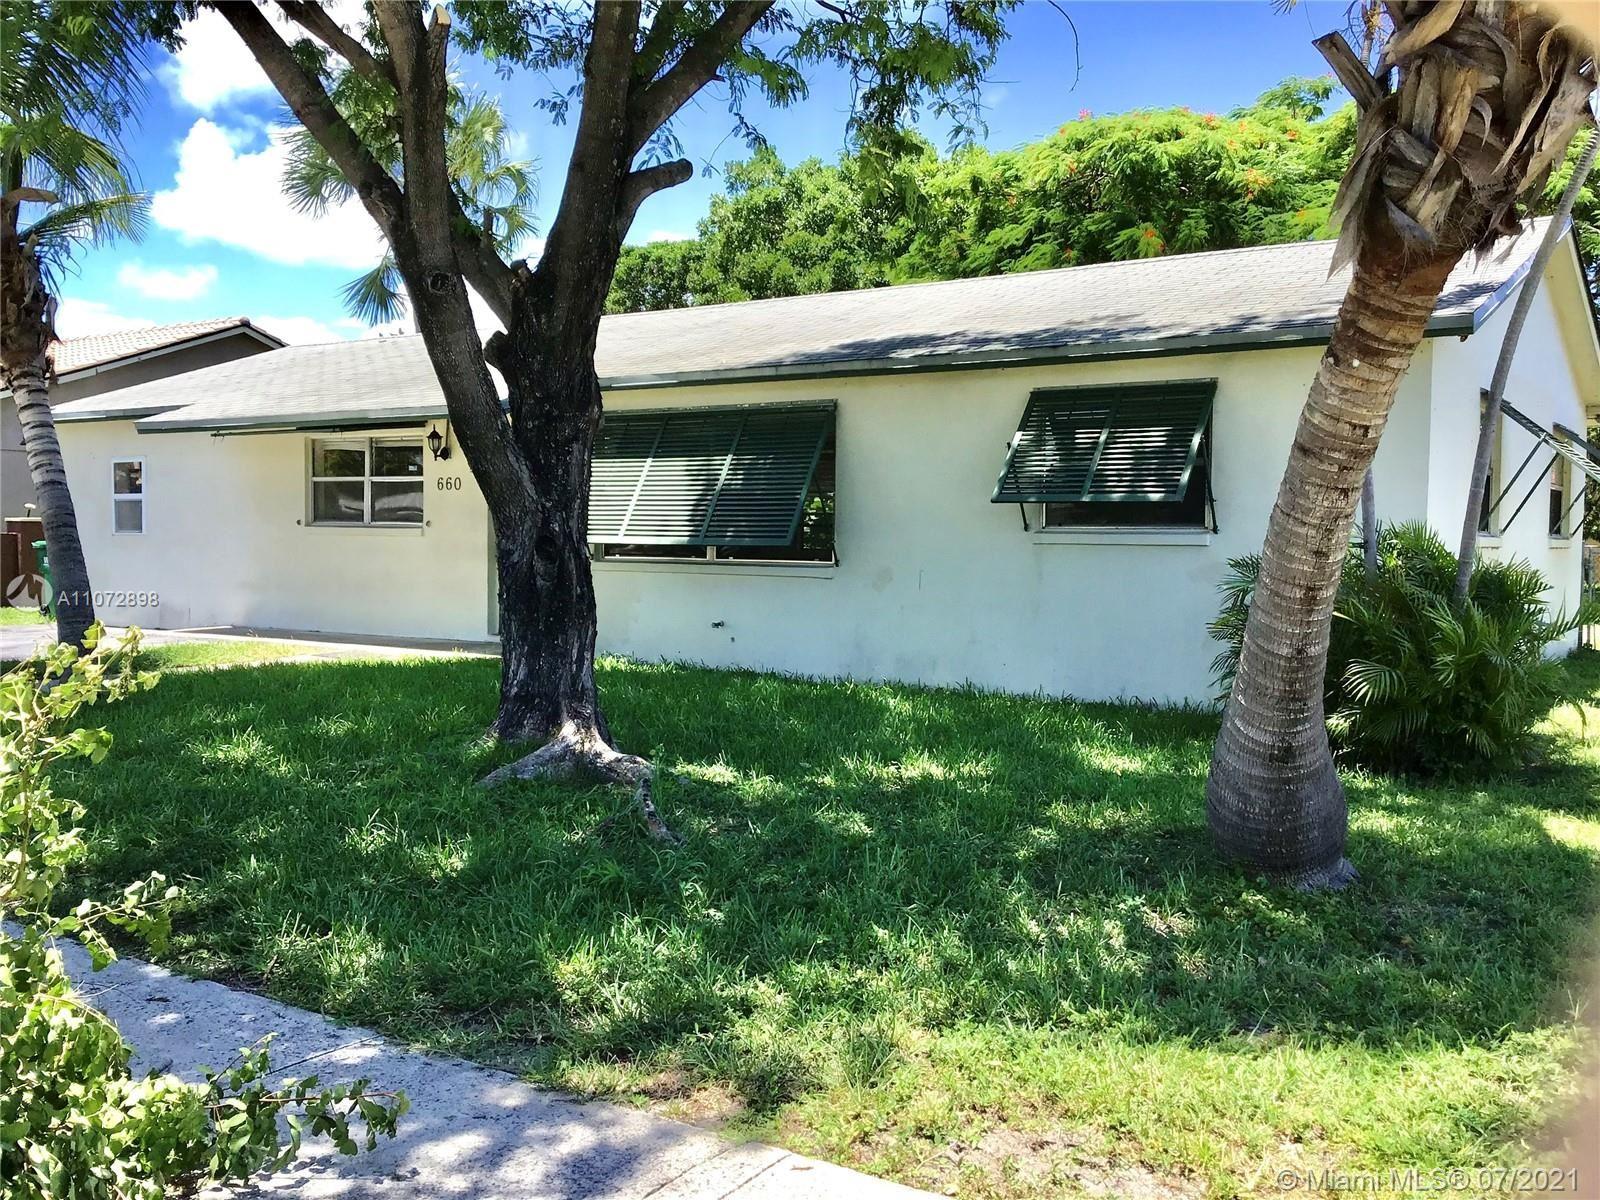 Photo of 660 W 36th St, Riviera Beach, FL 33404 (MLS # A11072898)